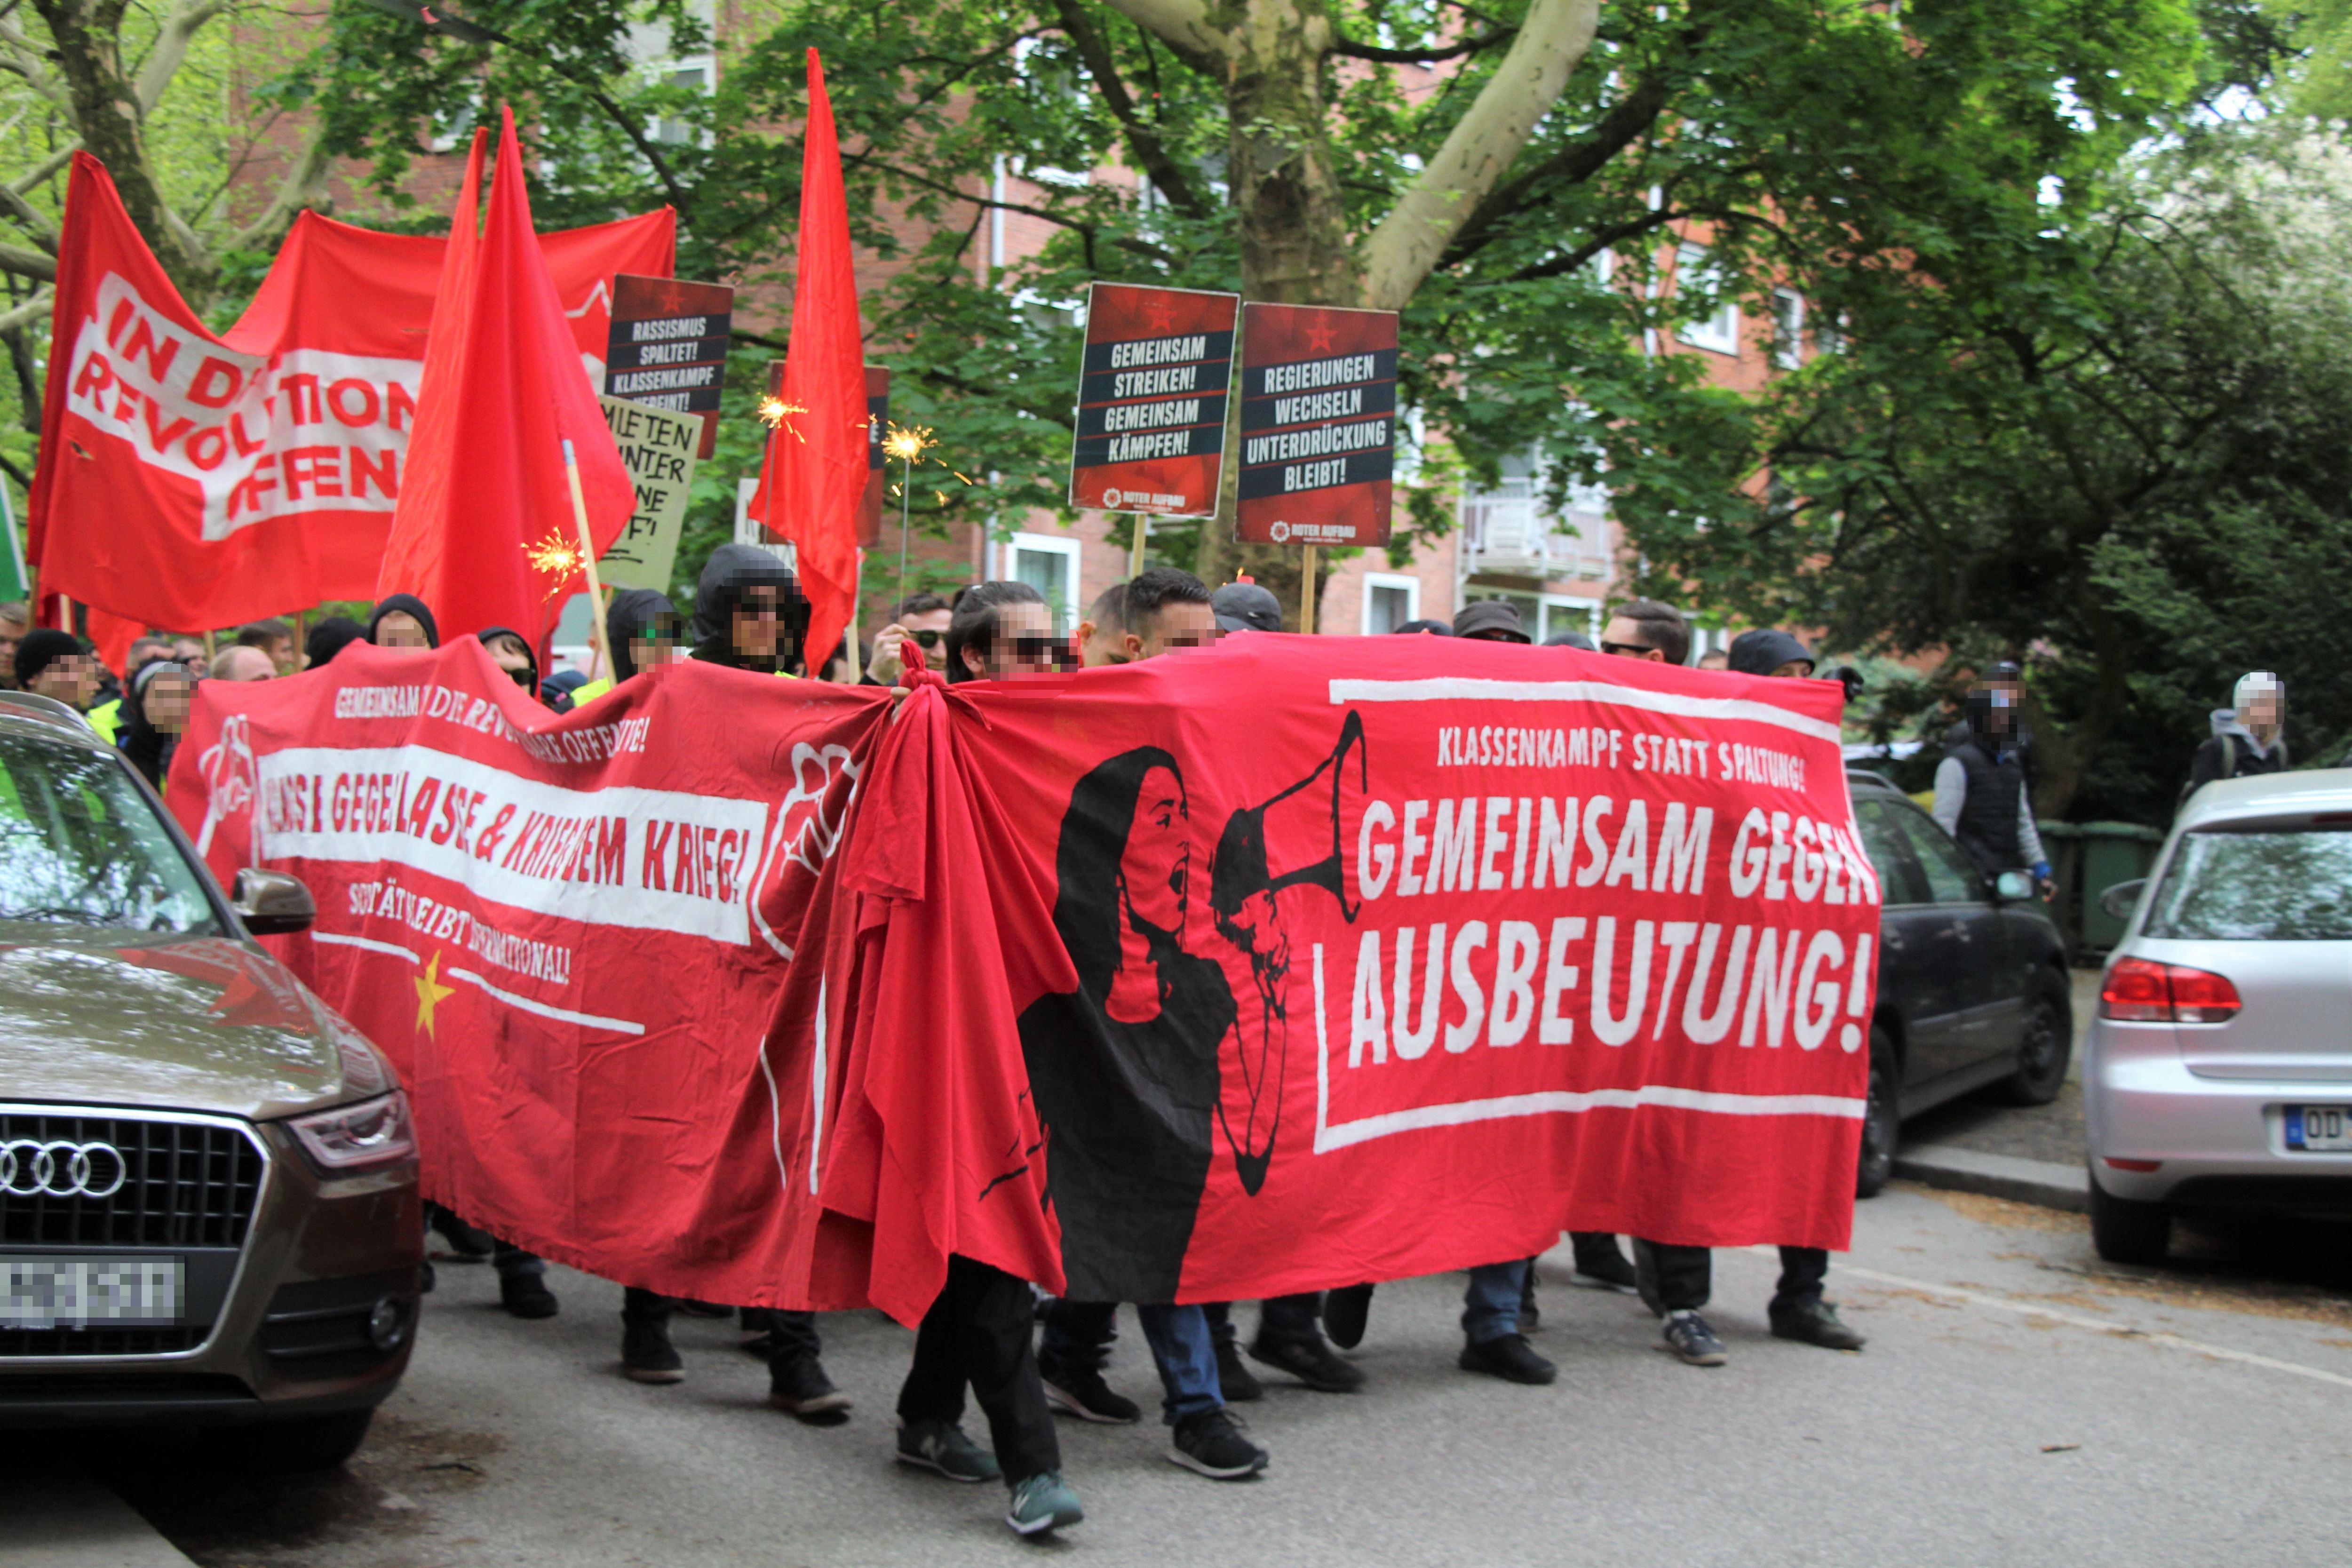 """Der """"Rote Aufbau"""" fordert die Senkung von Mietpreisen und die Erhöhung von Löhnen. Foto: Catharina Rudschies"""